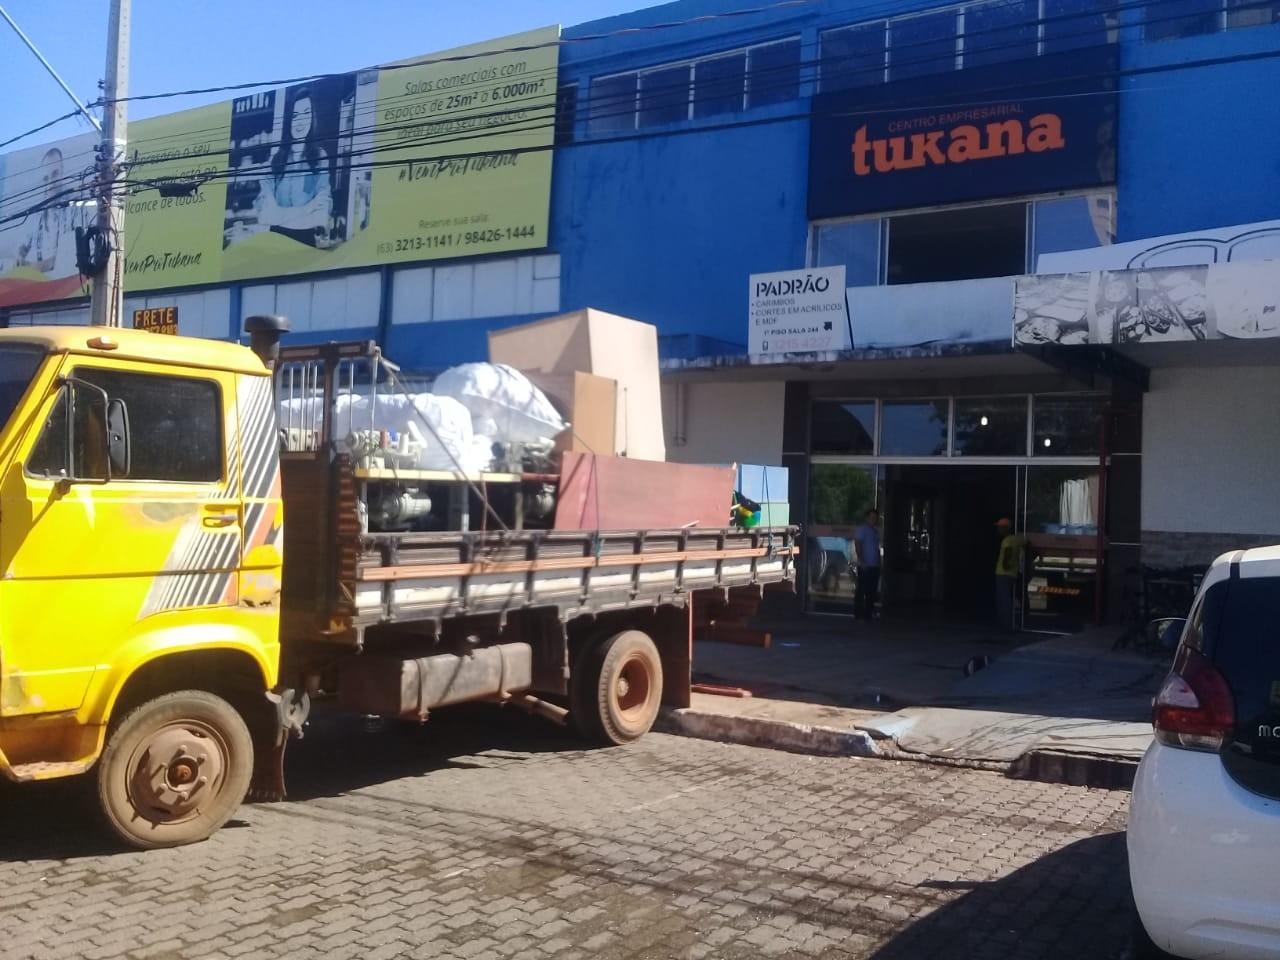 Bombeiros liberam permanência de comerciantes em centro comercial após dono apresentar laudo - Notícias - Plantão Diário